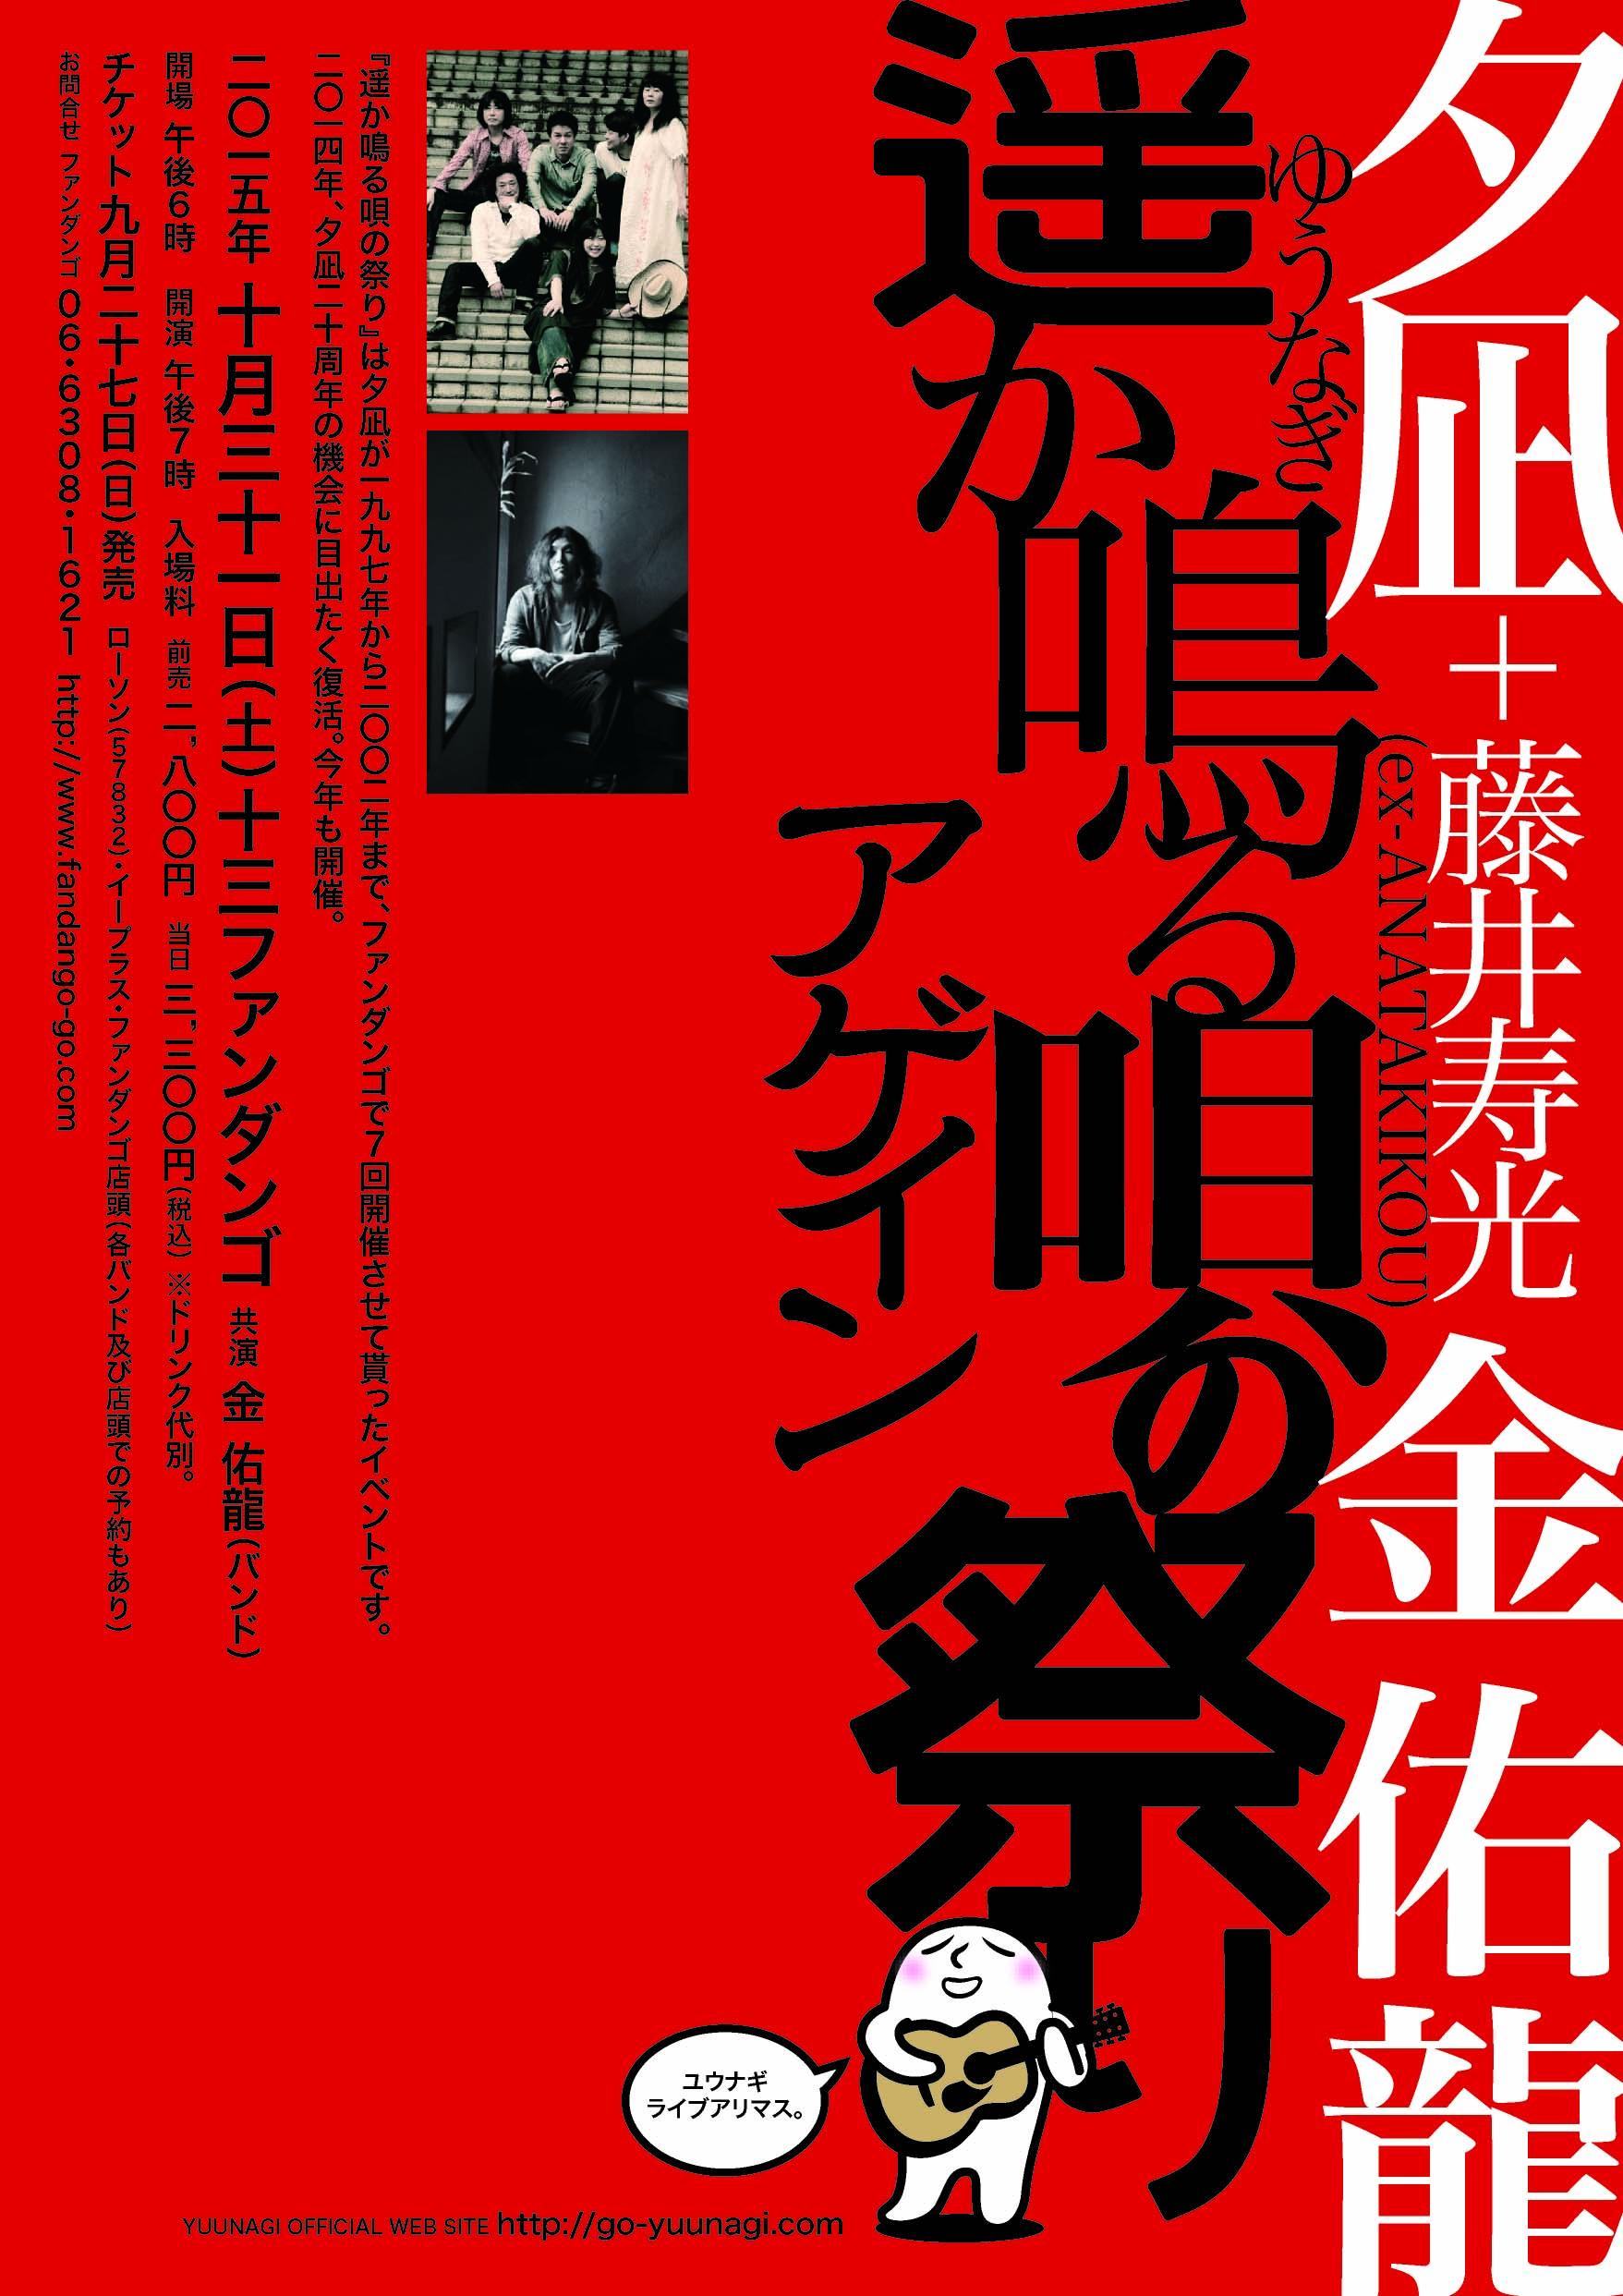 『夕凪21周年記念〜遥か鳴る唄の祭りアゲイン2015』<font color=